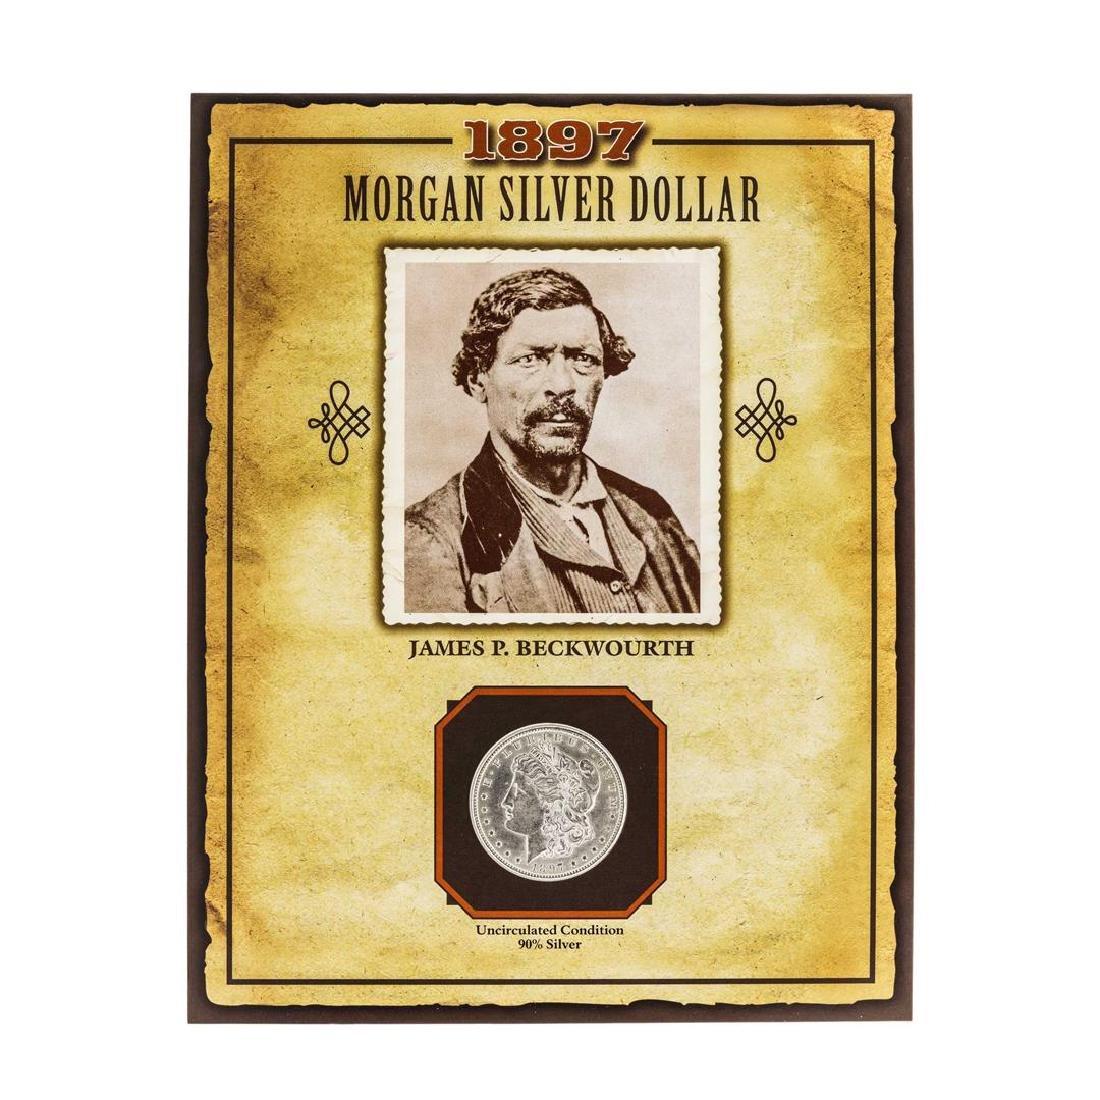 1897 $1 Morgan Silver Dollar Coin with James P.